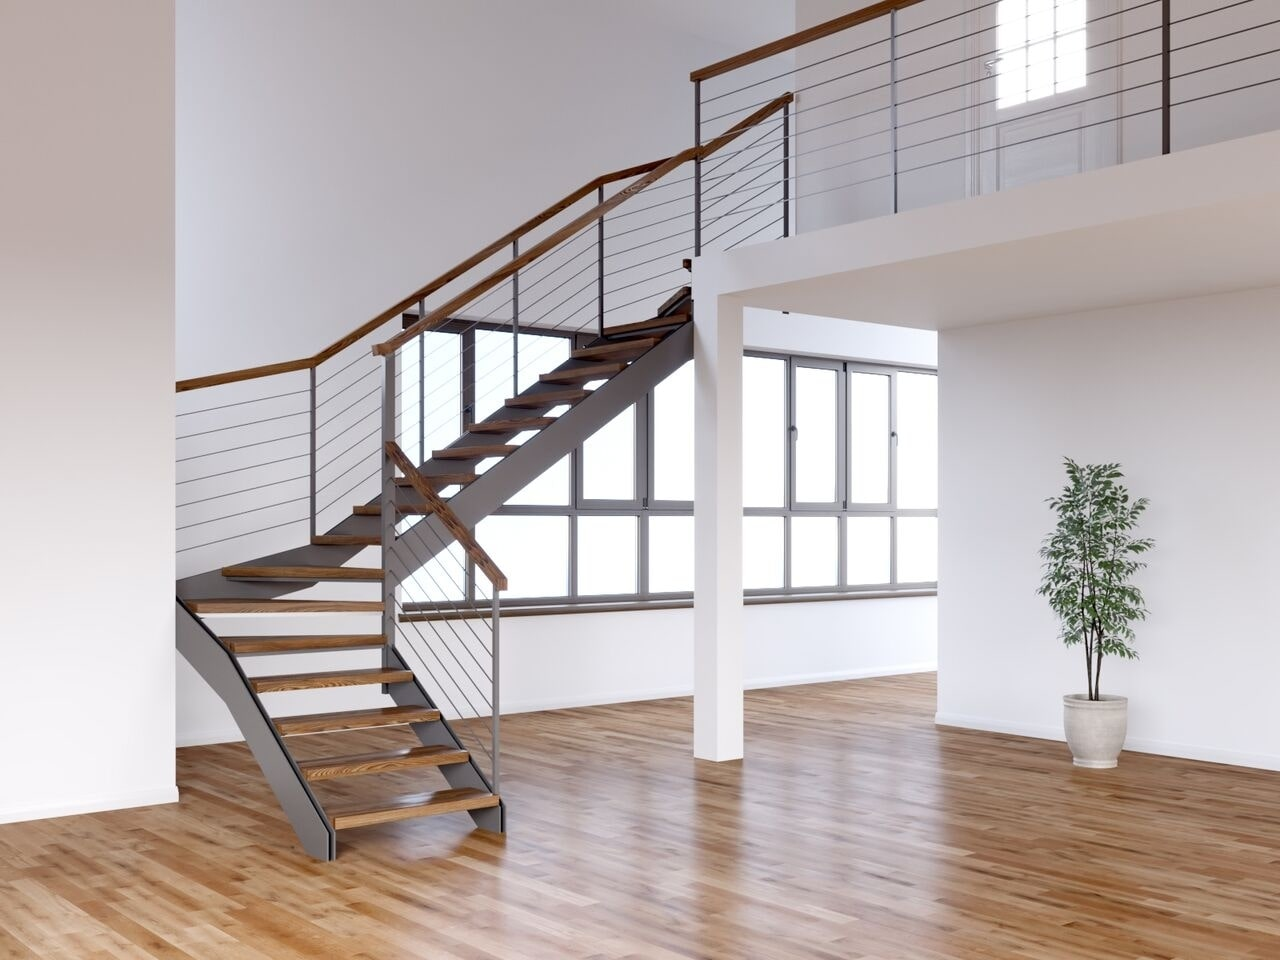 Лестница на тетивах со ступенями из бука и ограждениями из троса